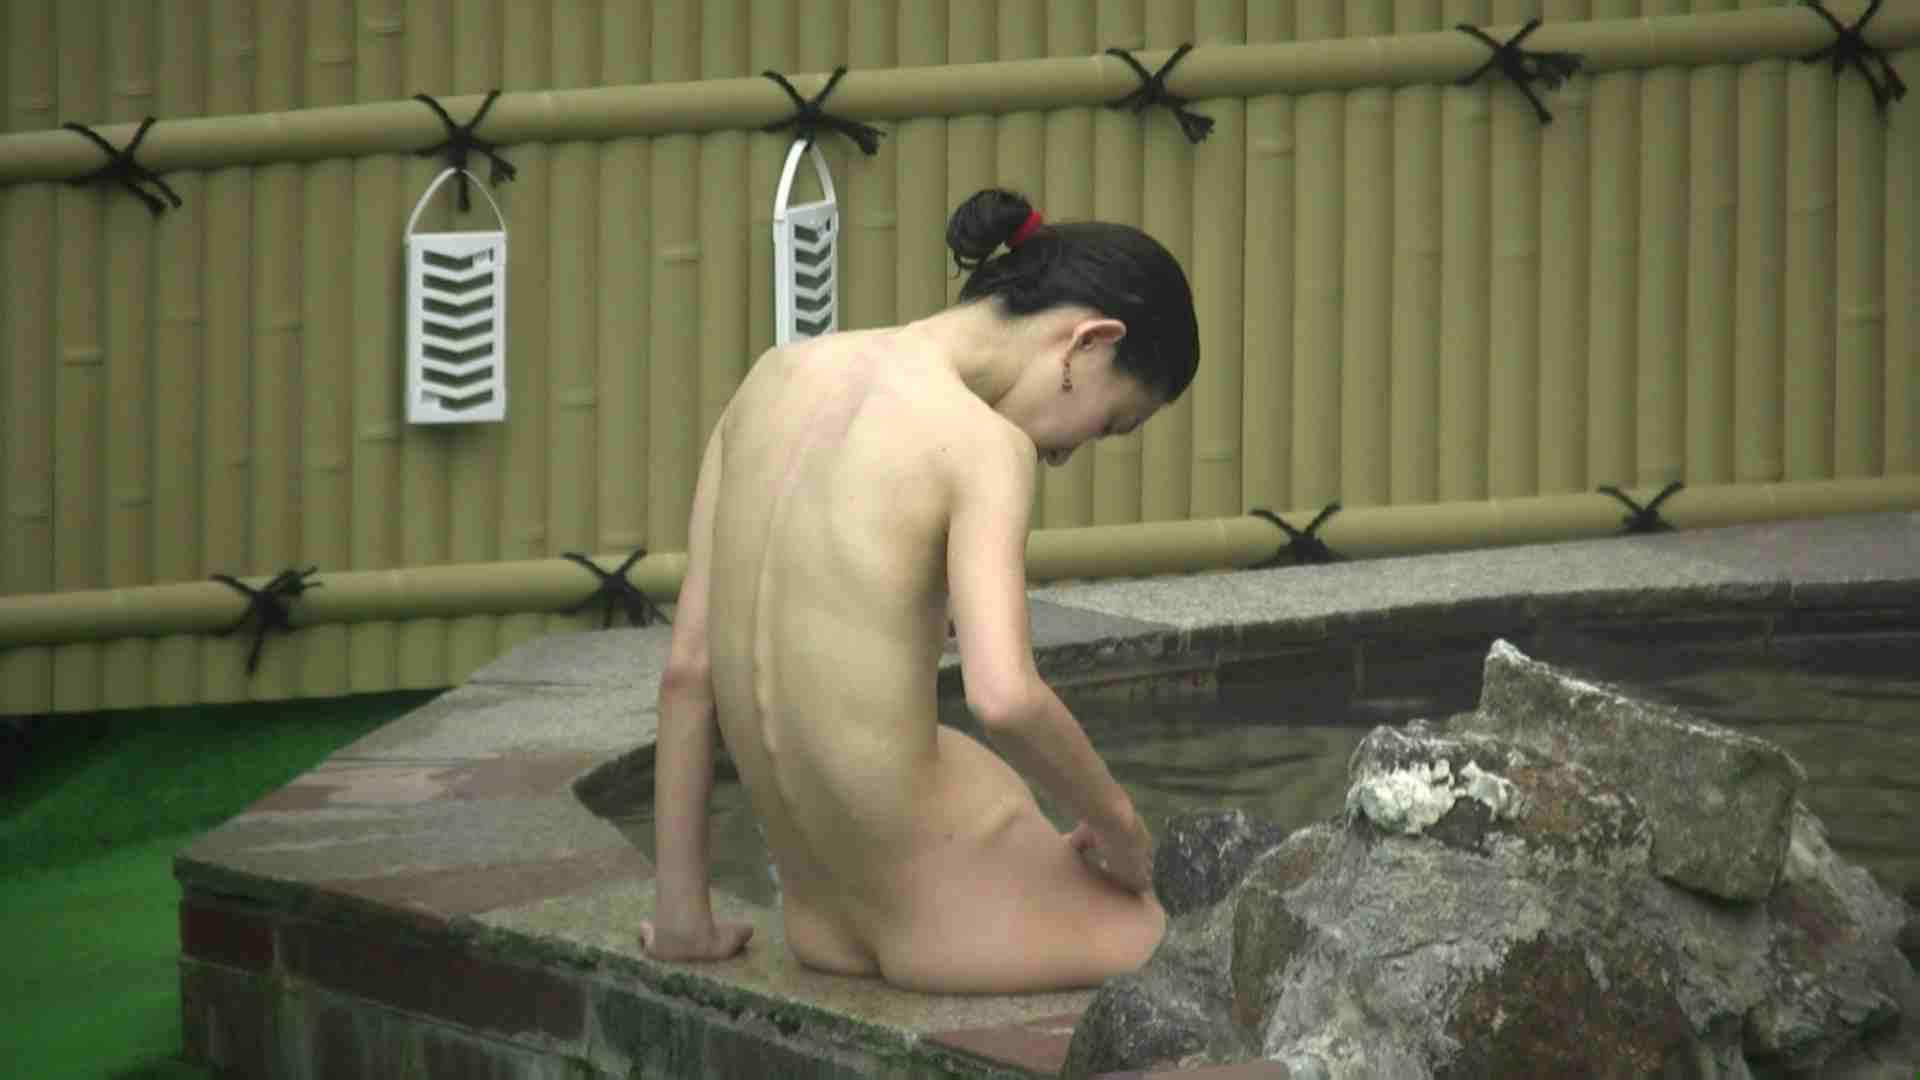 高画質露天女風呂観察 vol.031 入浴 オマンコ無修正動画無料 104PIX 64